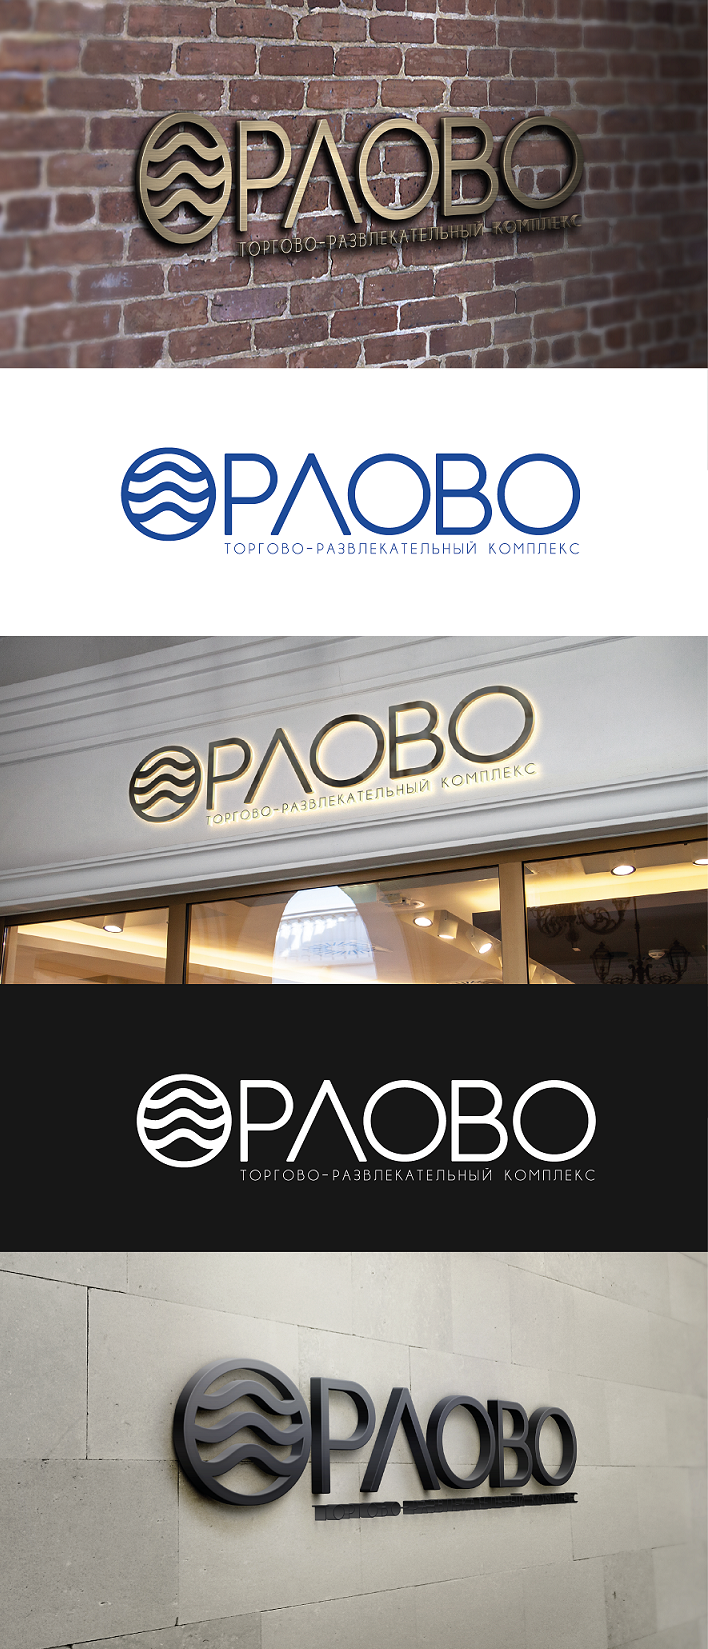 Разработка логотипа для Торгово-развлекательного комплекса фото f_830597374fd8fd84.png